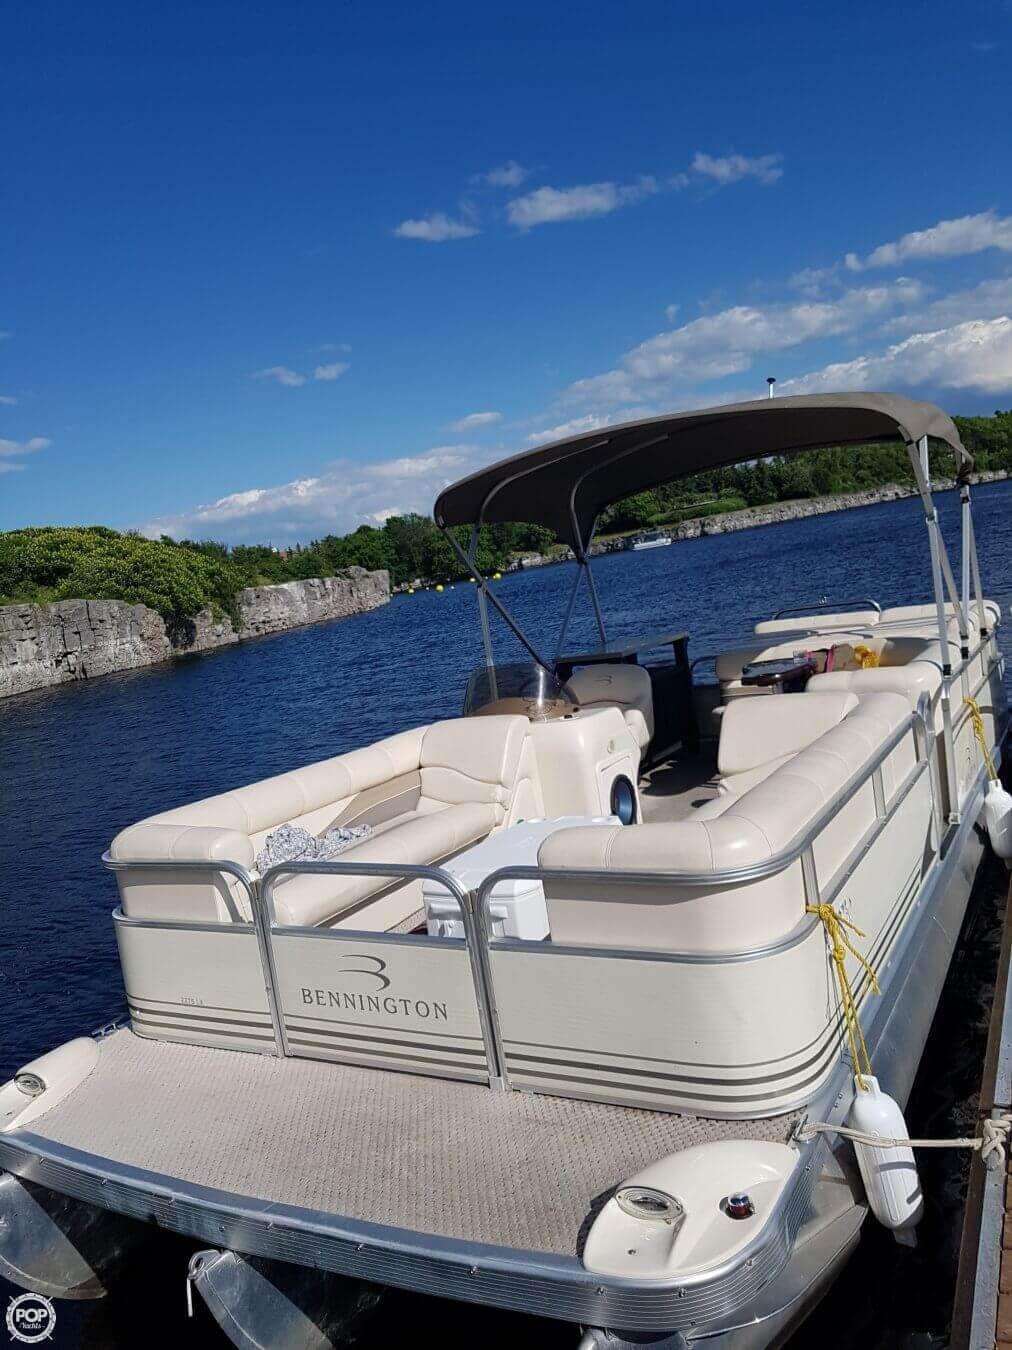 2005 Bennington 2275 For Sale Pontoon Boat Pontoon Boats For Sale Pontoon